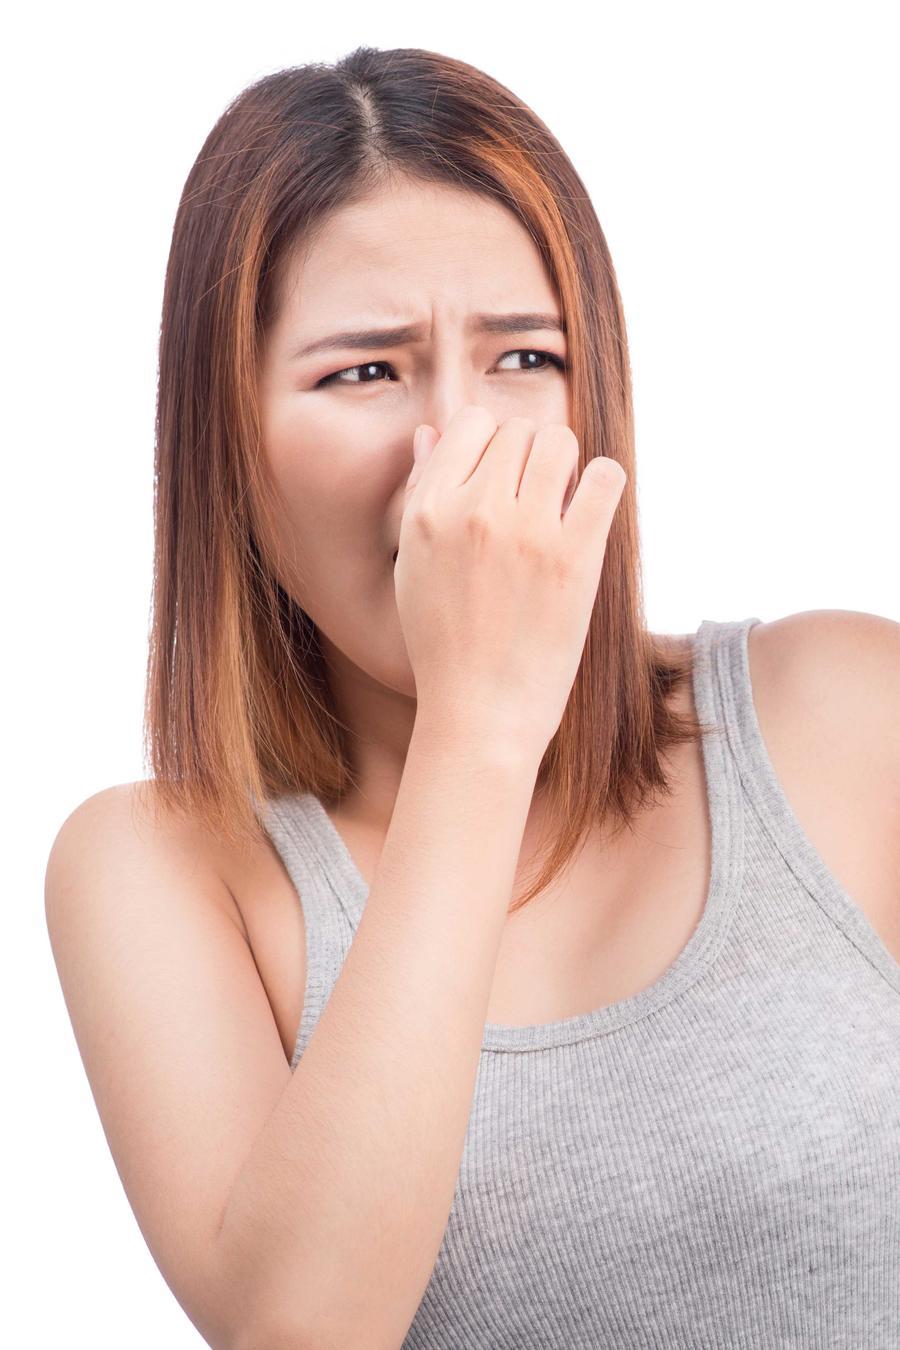 Mujer con la nariz tapada por olor desagradable